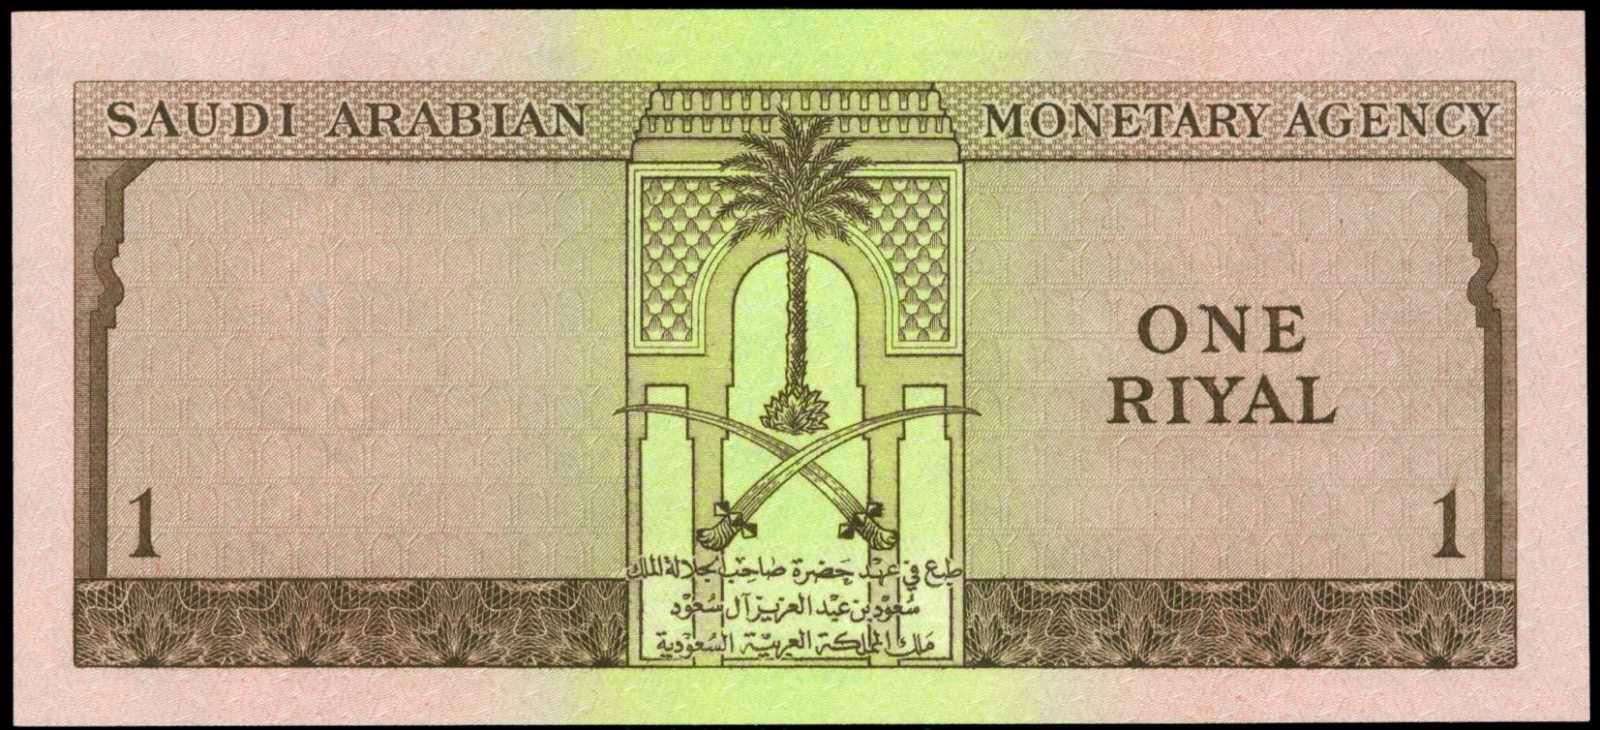 Saudi Arabia currency One Riyal Note 1961